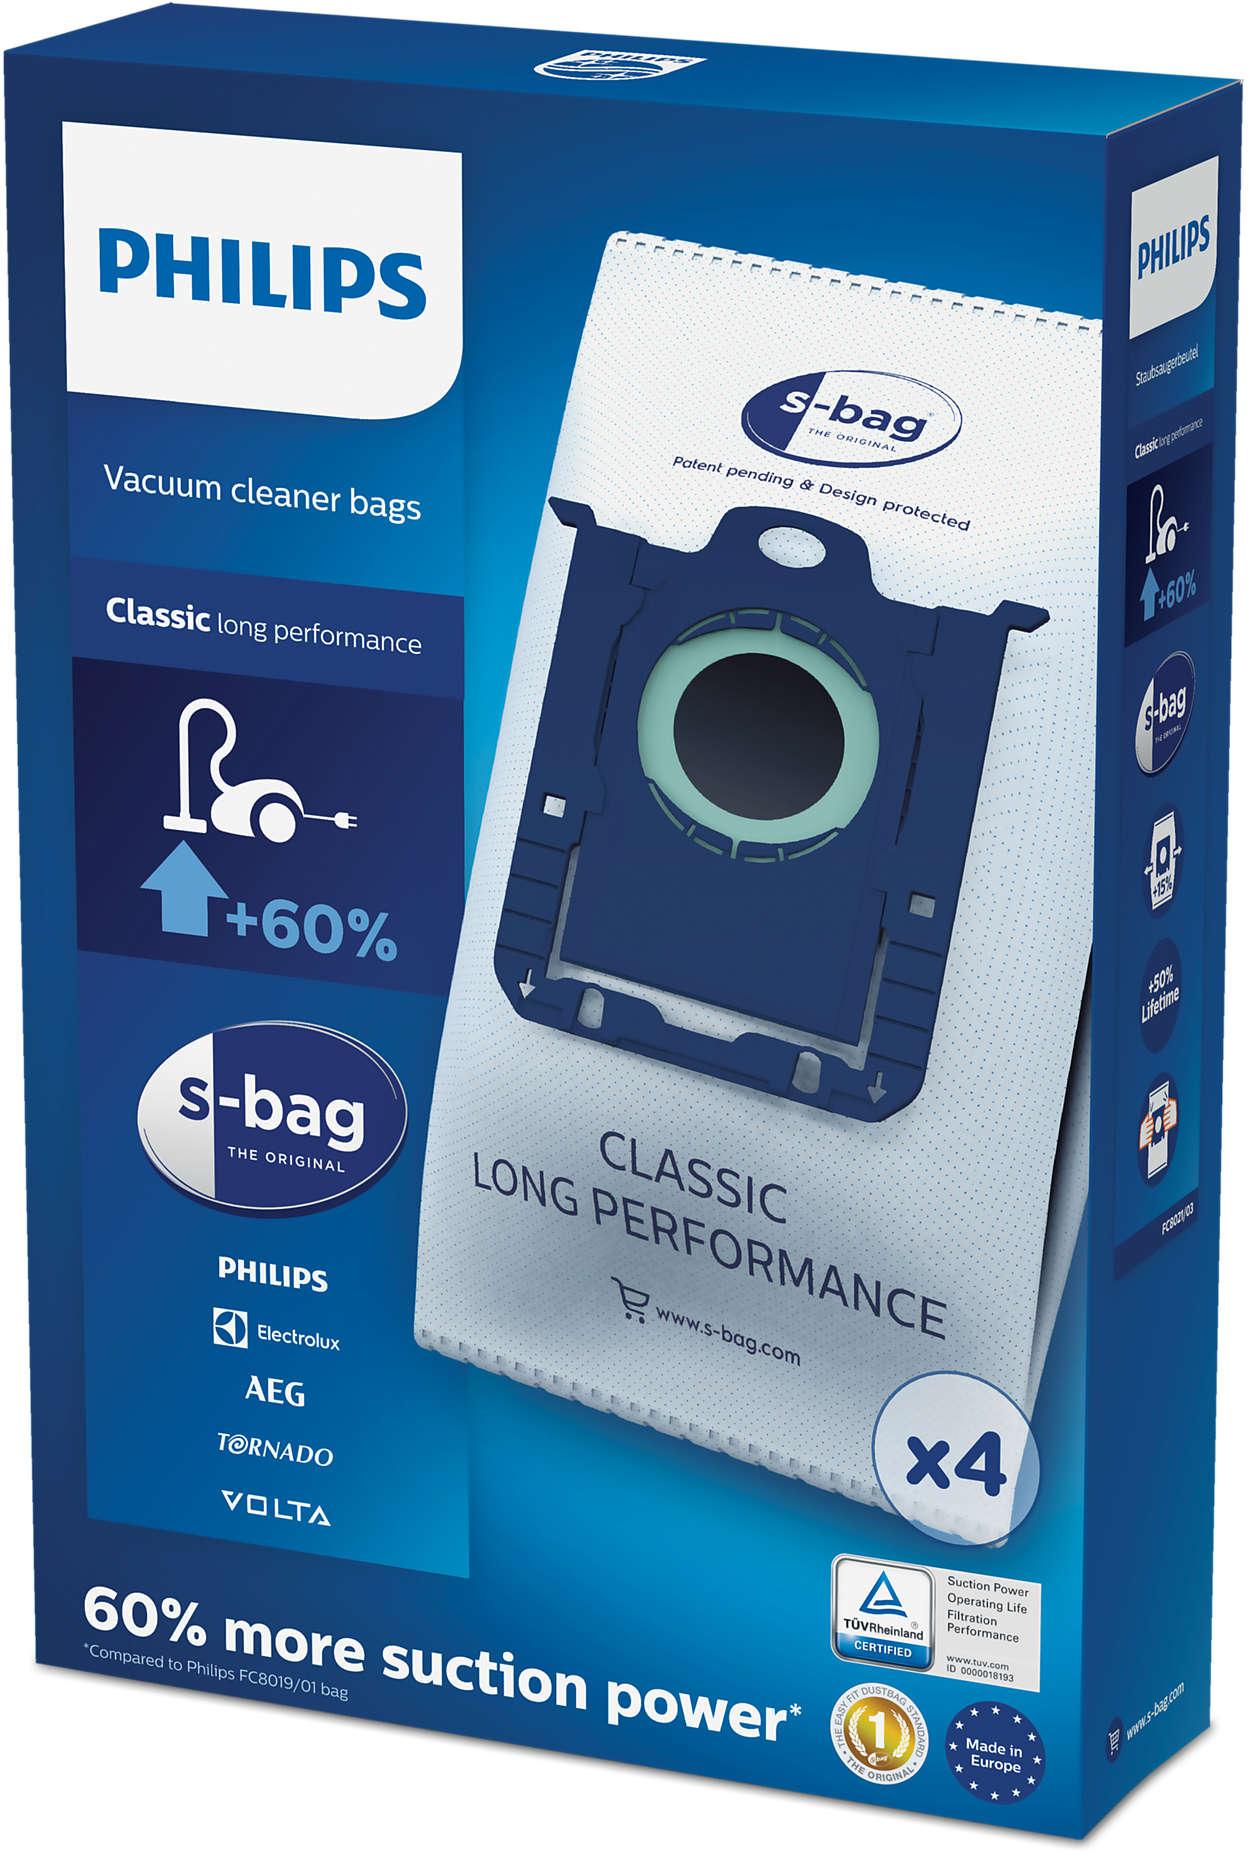 Κλασική σακούλα s-bag® με μεγάλη διάρκεια ζωής